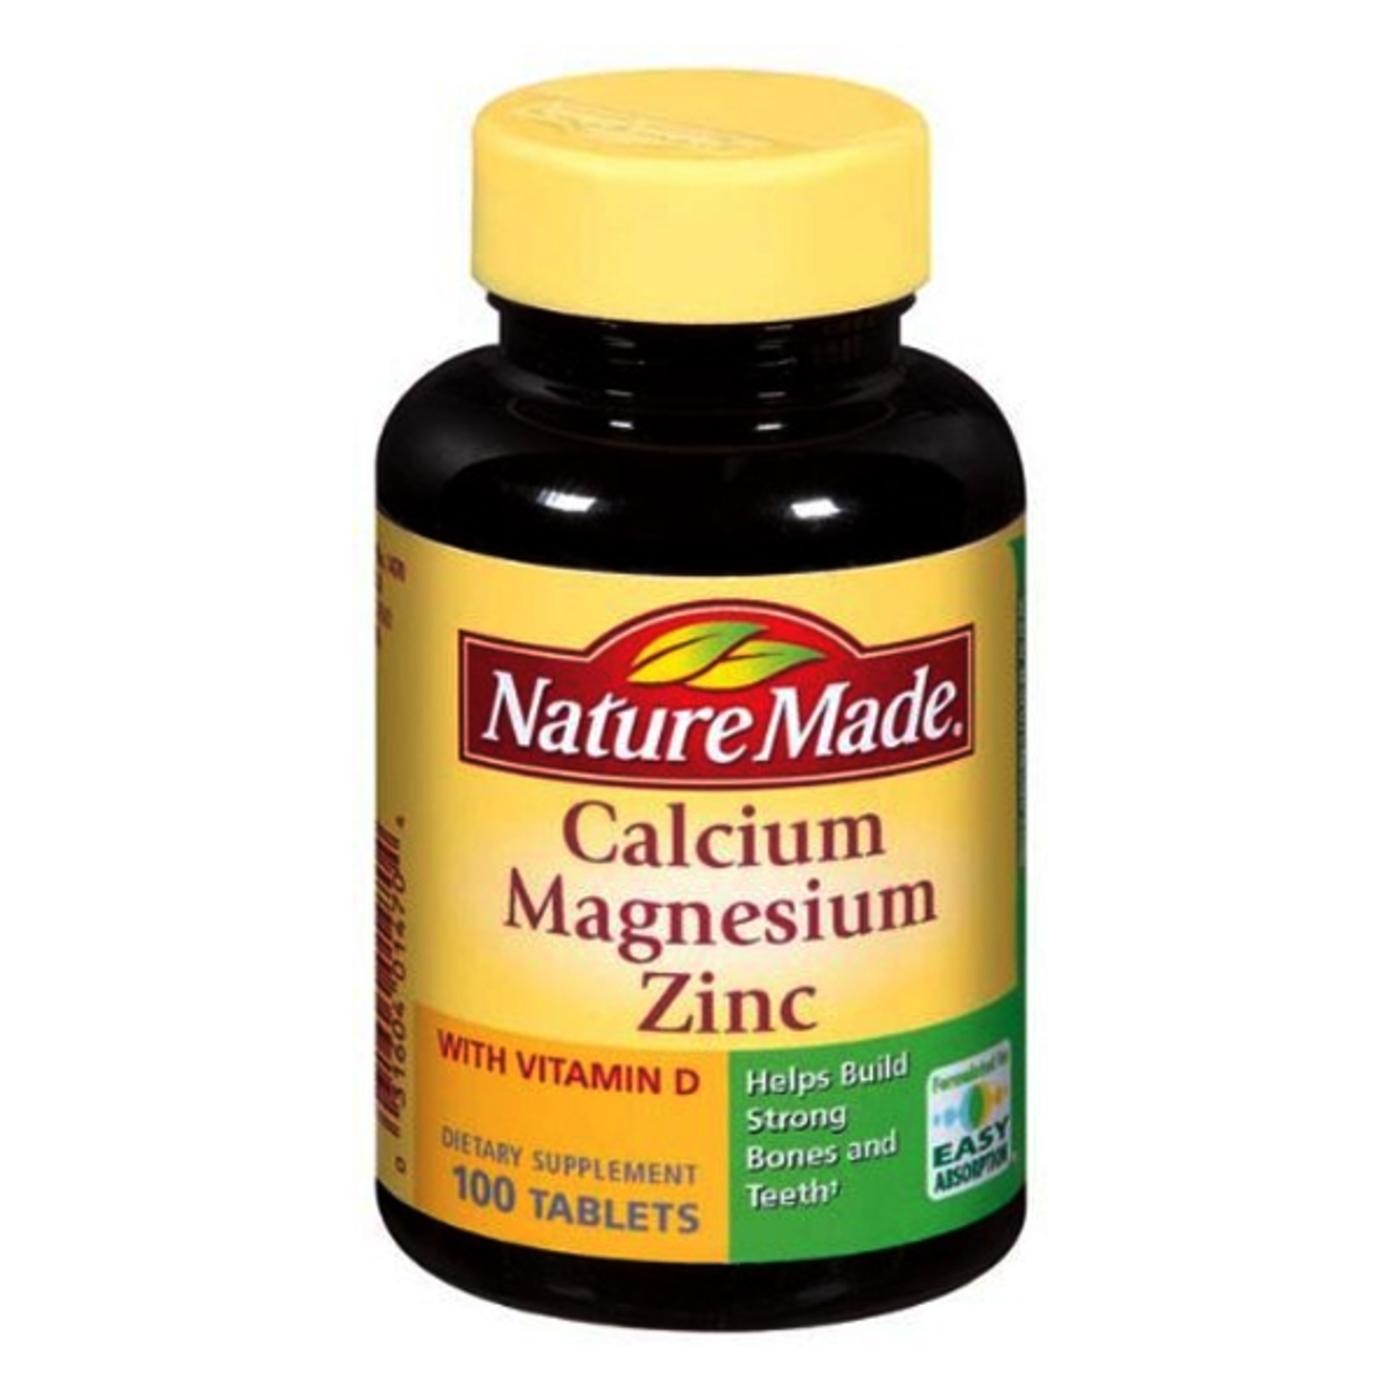 Nature Made Calcium Magnesium Zinc - 100 Tablets ...